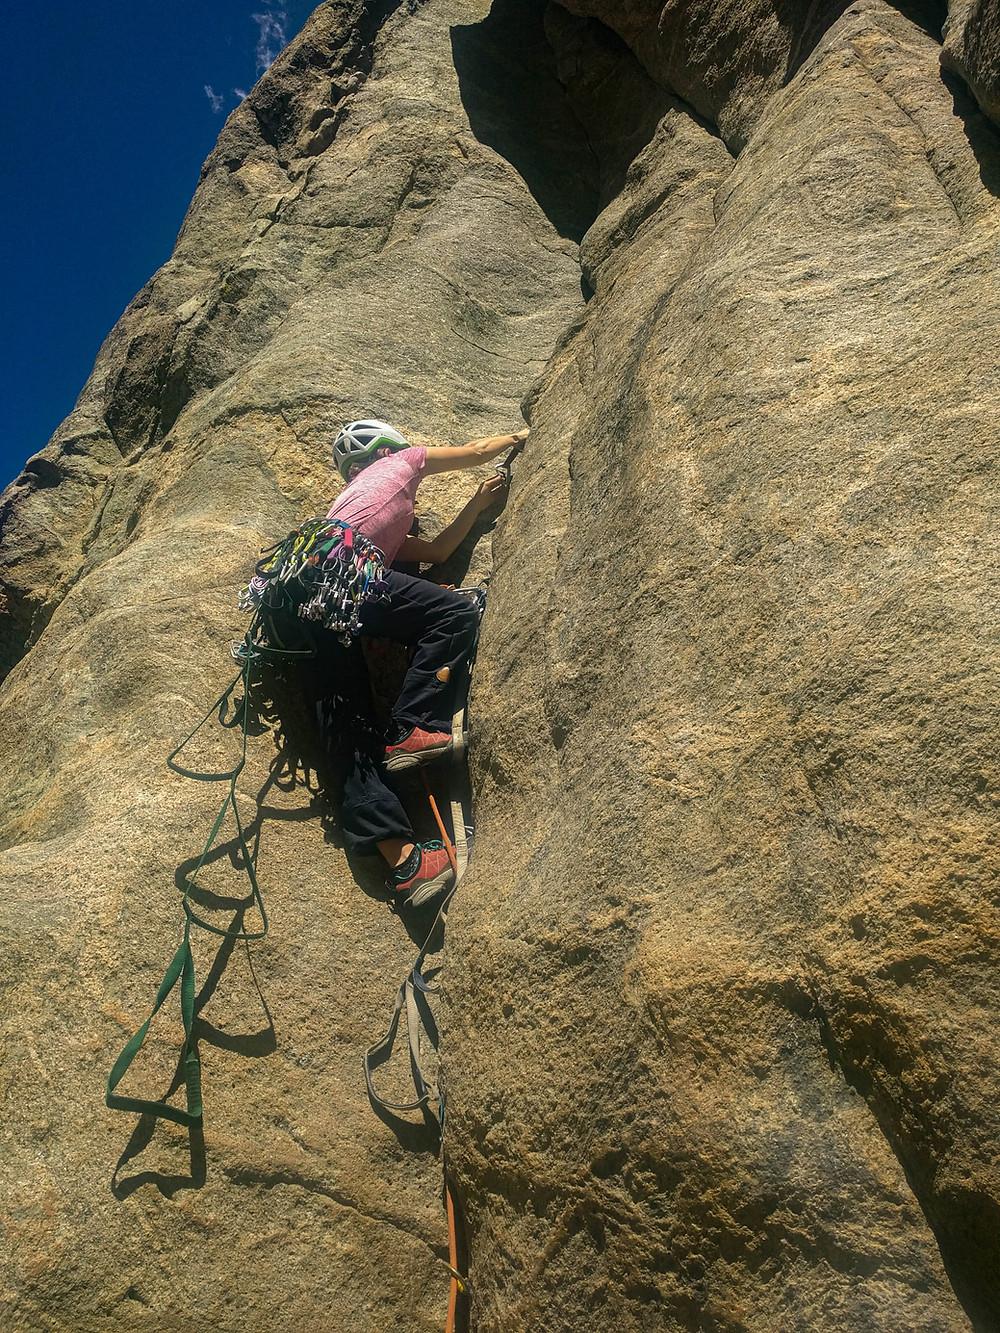 Aid Climbing training in Boulder Canyon, Colorado.